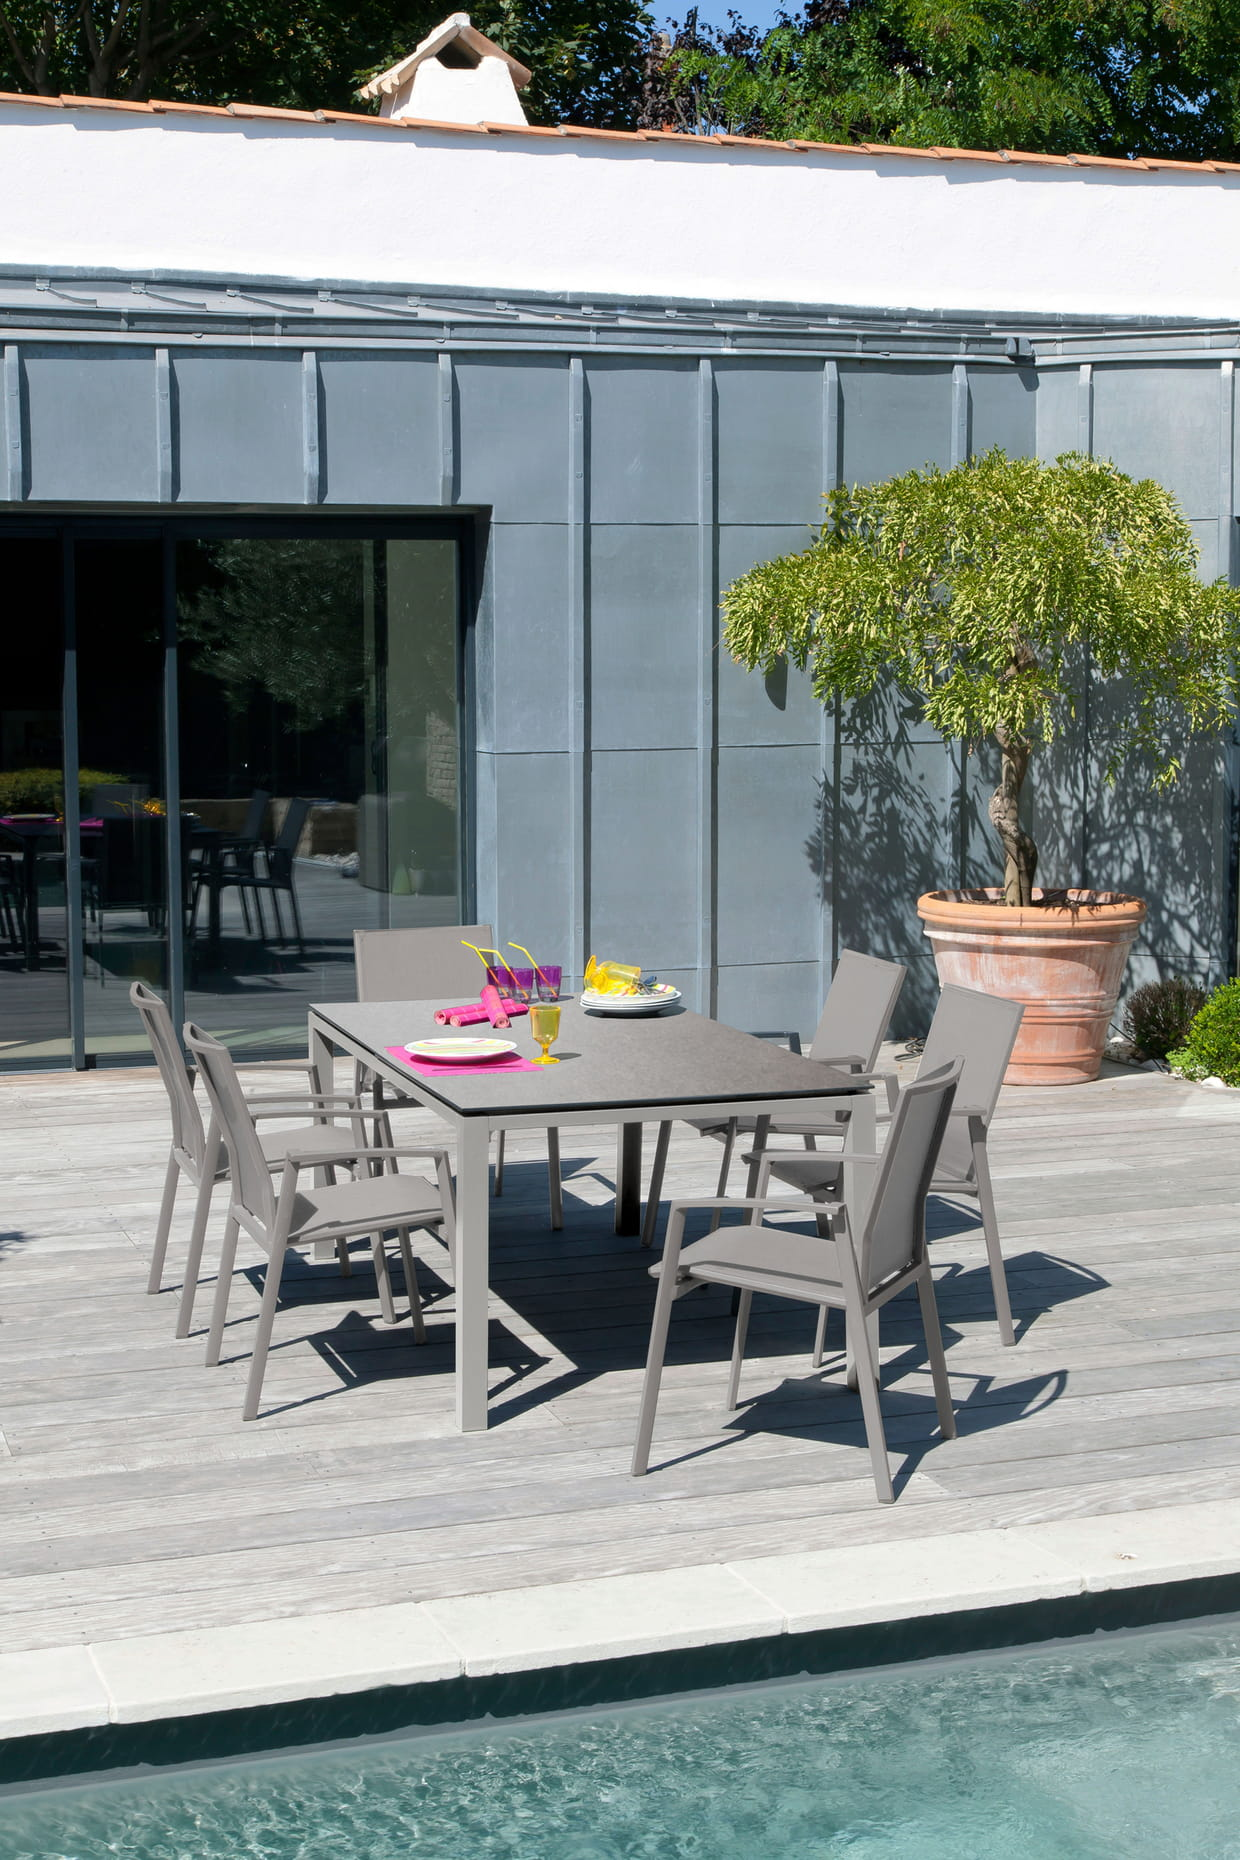 Salon de jardin en bois chez ikea des id es int ressantes pou - Solde mobilier jardin ...